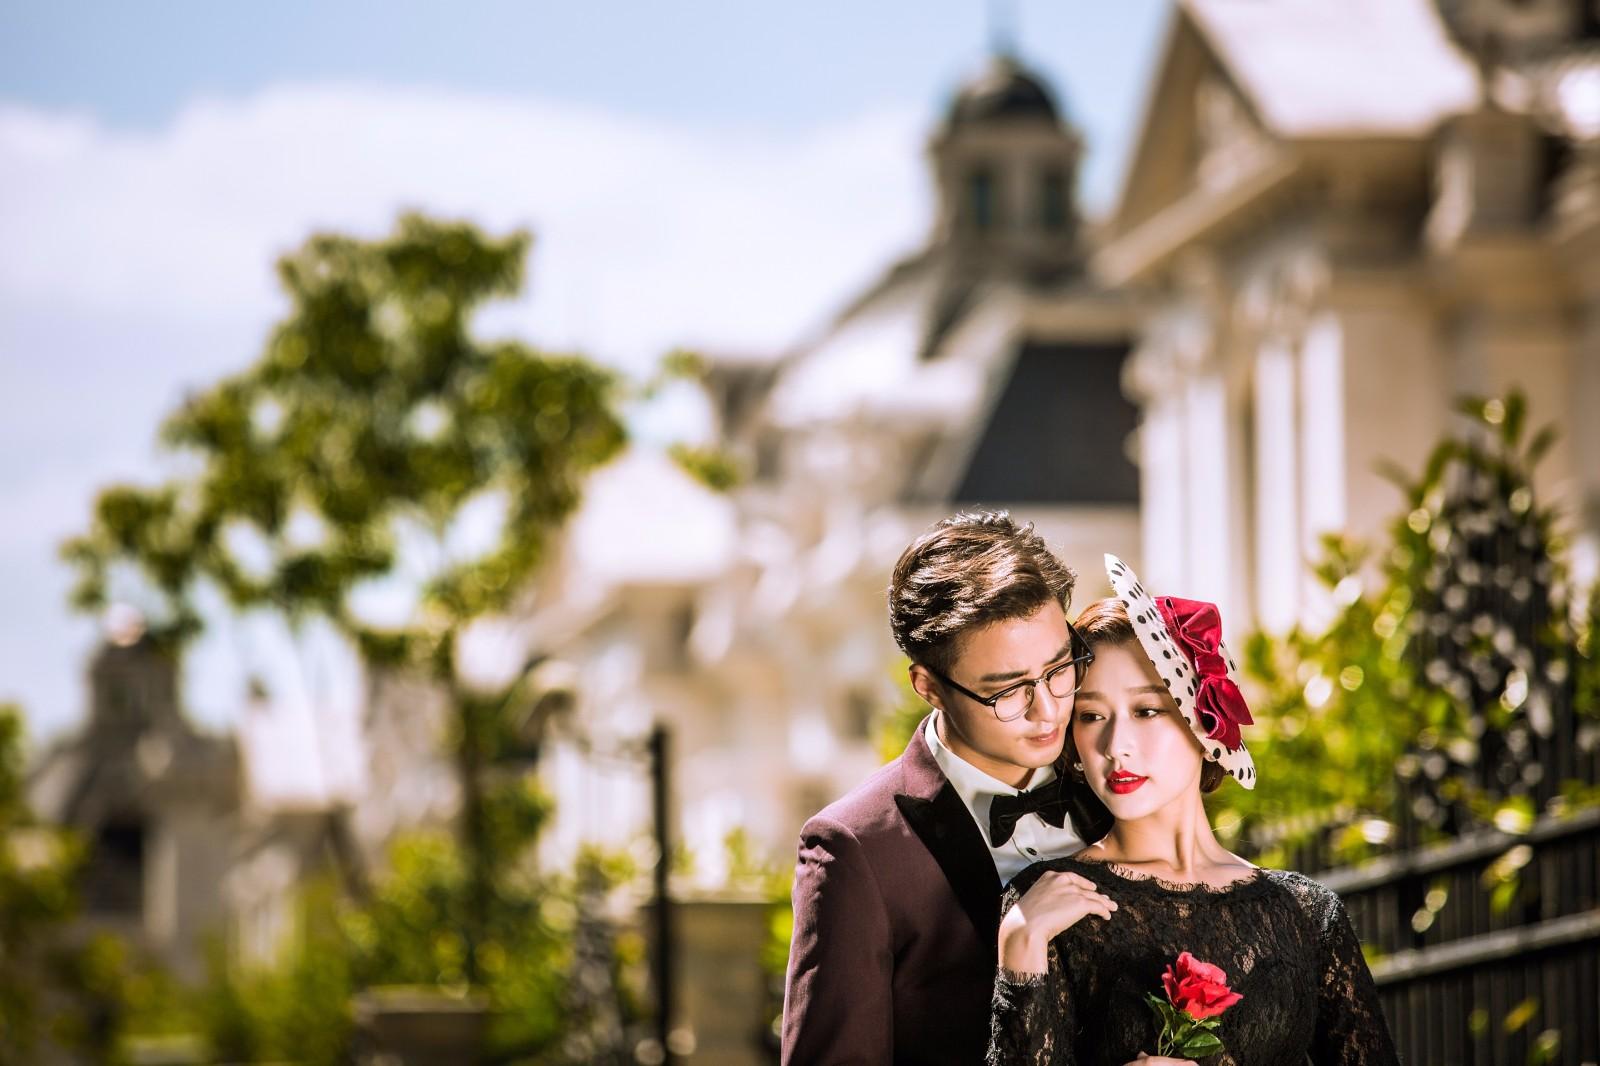 拍婚纱照去哪里拍好,寻找一些有纪念意义的地方